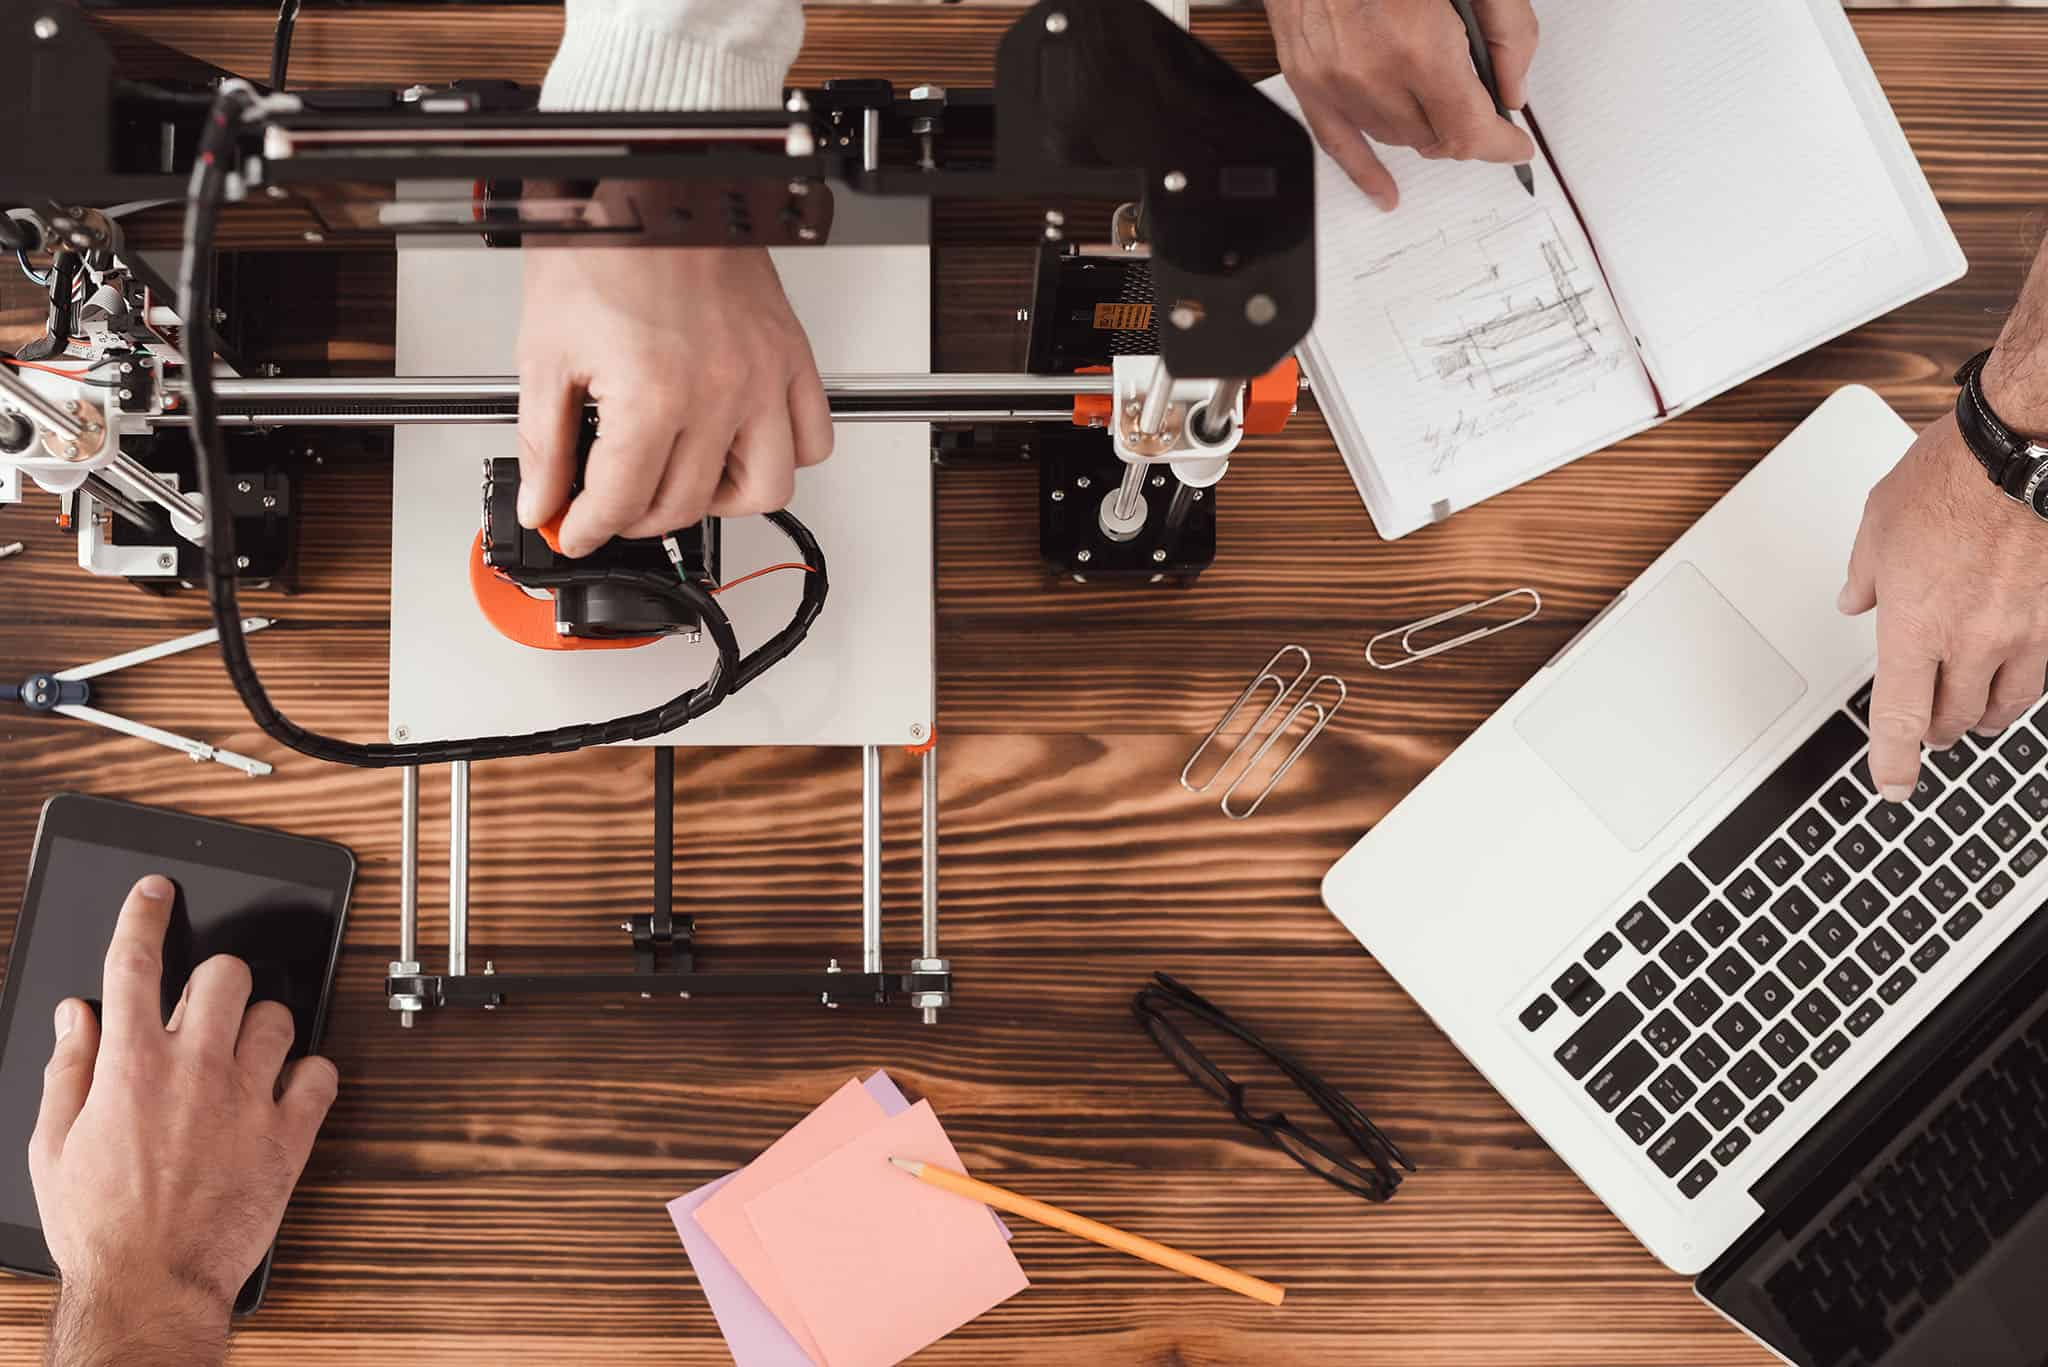 Druckdauer 3D Druck: Wie kann die Druckzeit optimiert werden?